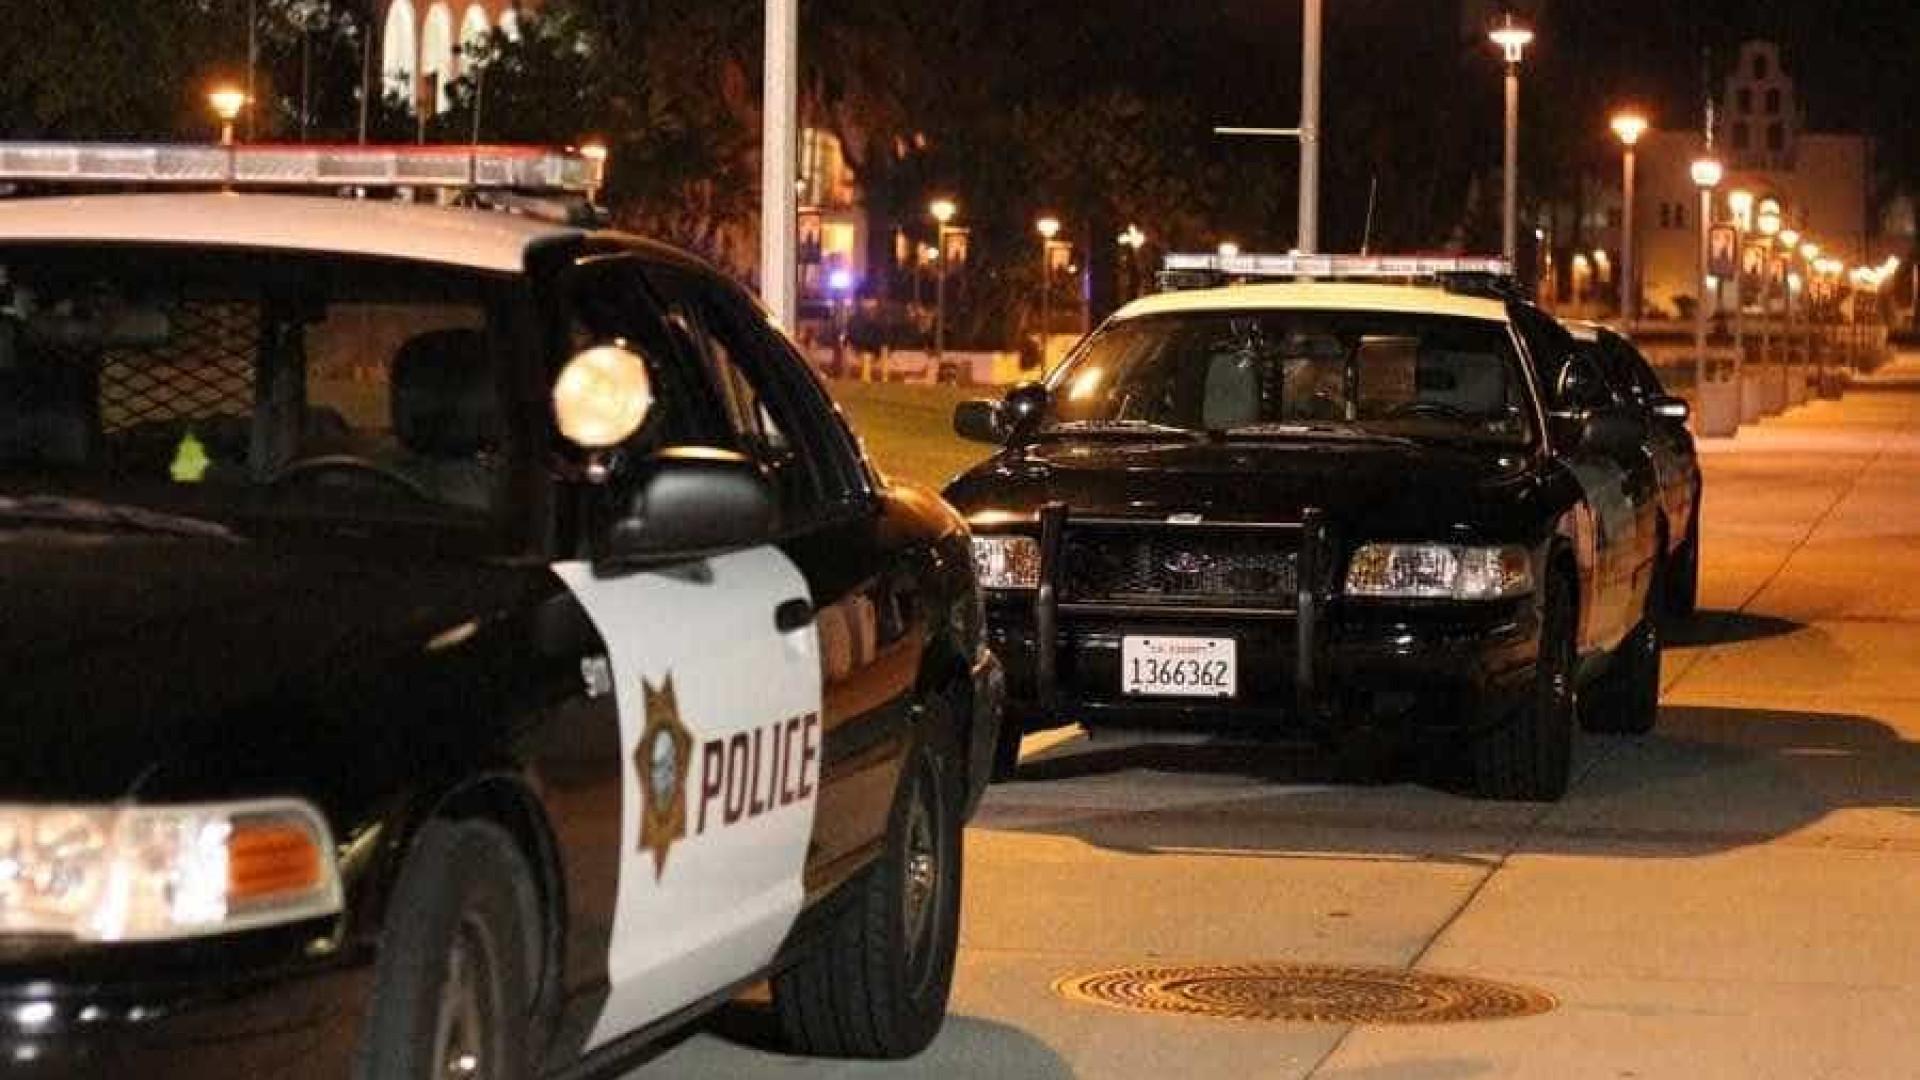 Três pessoas morrem em tiroteio em escola no Novo México — EUA